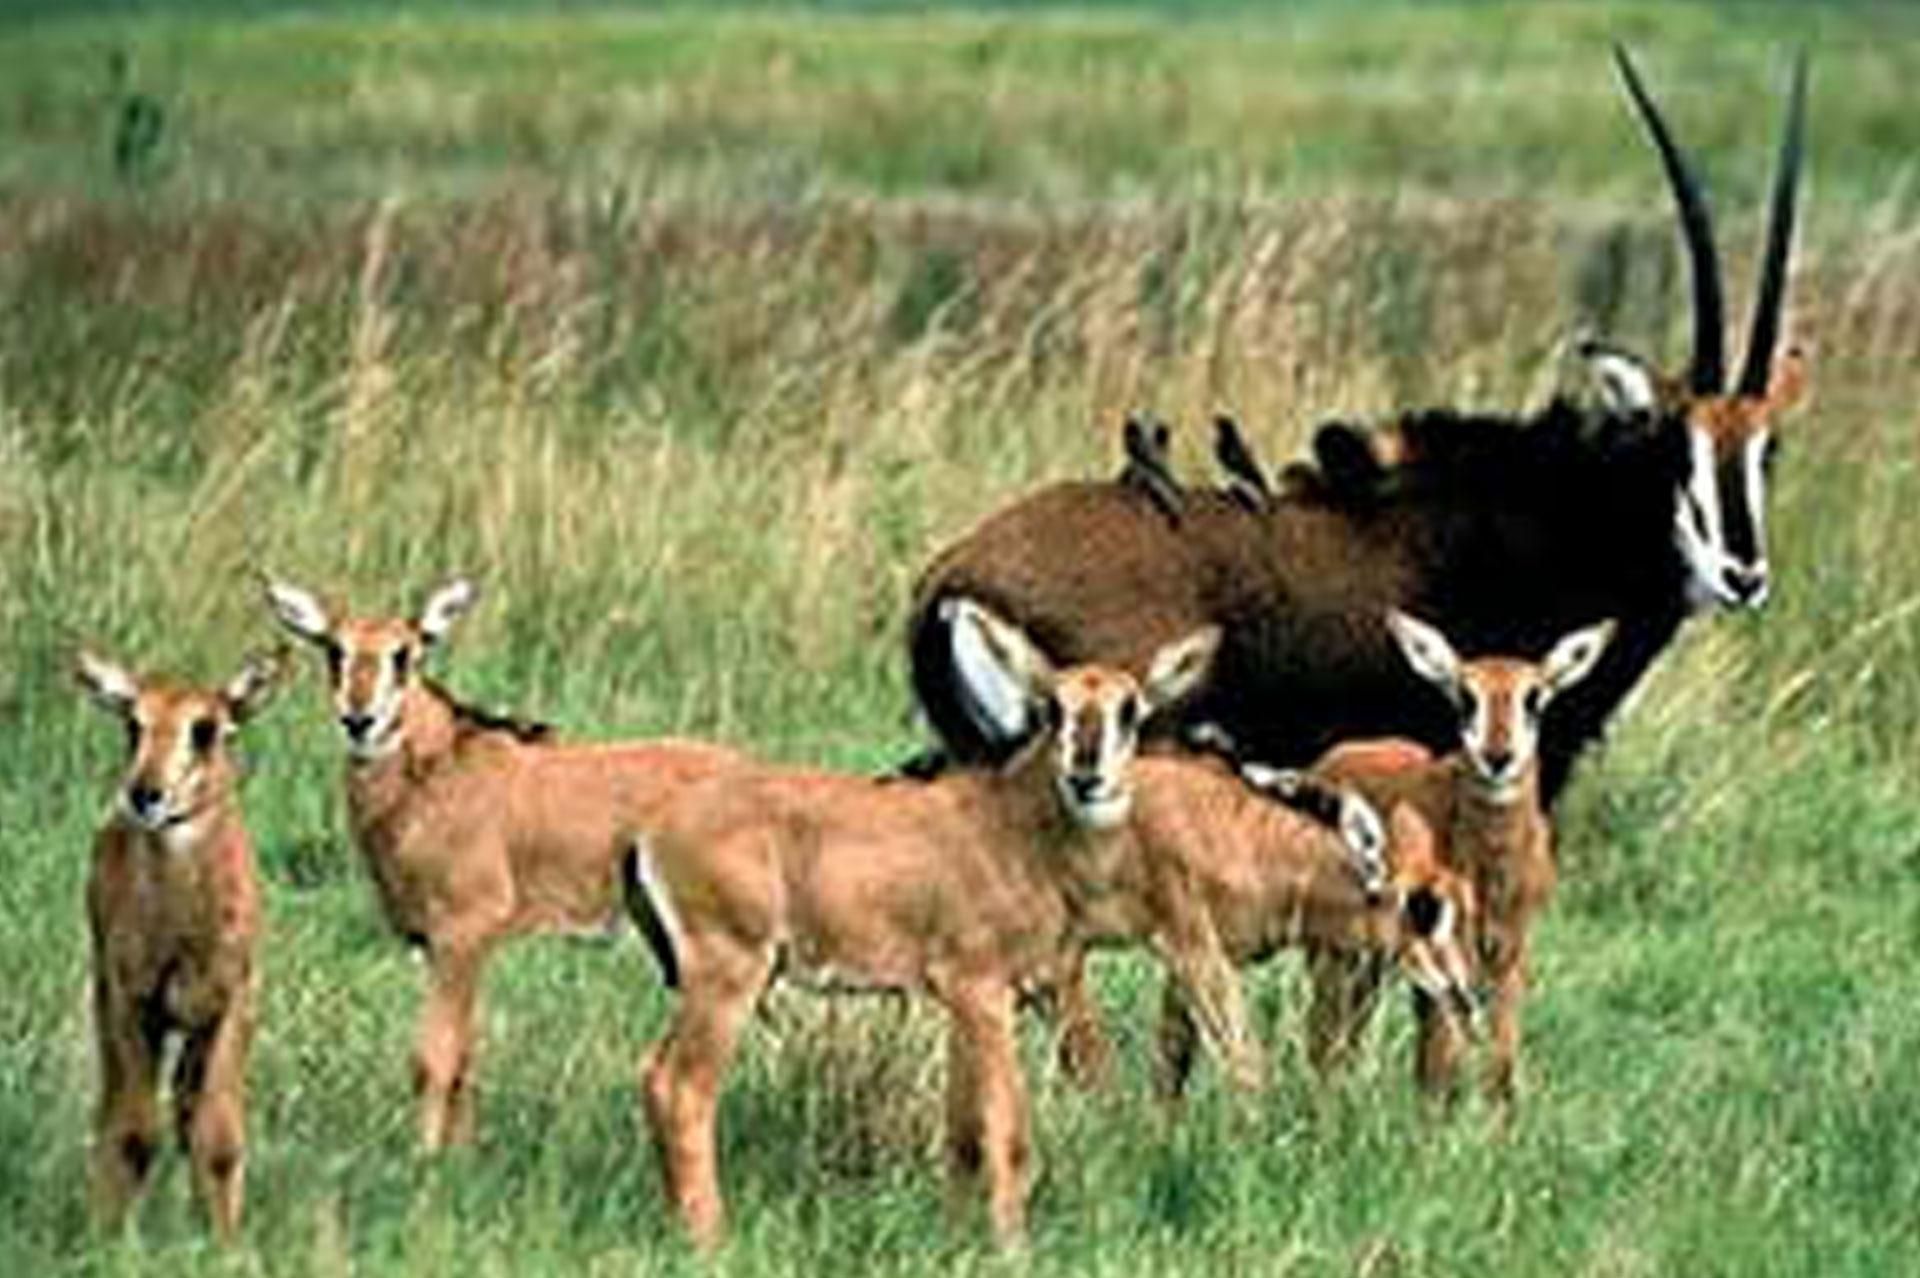 Diani_travel_center_national_parks_in_kenya_ruma_national_park_image_4